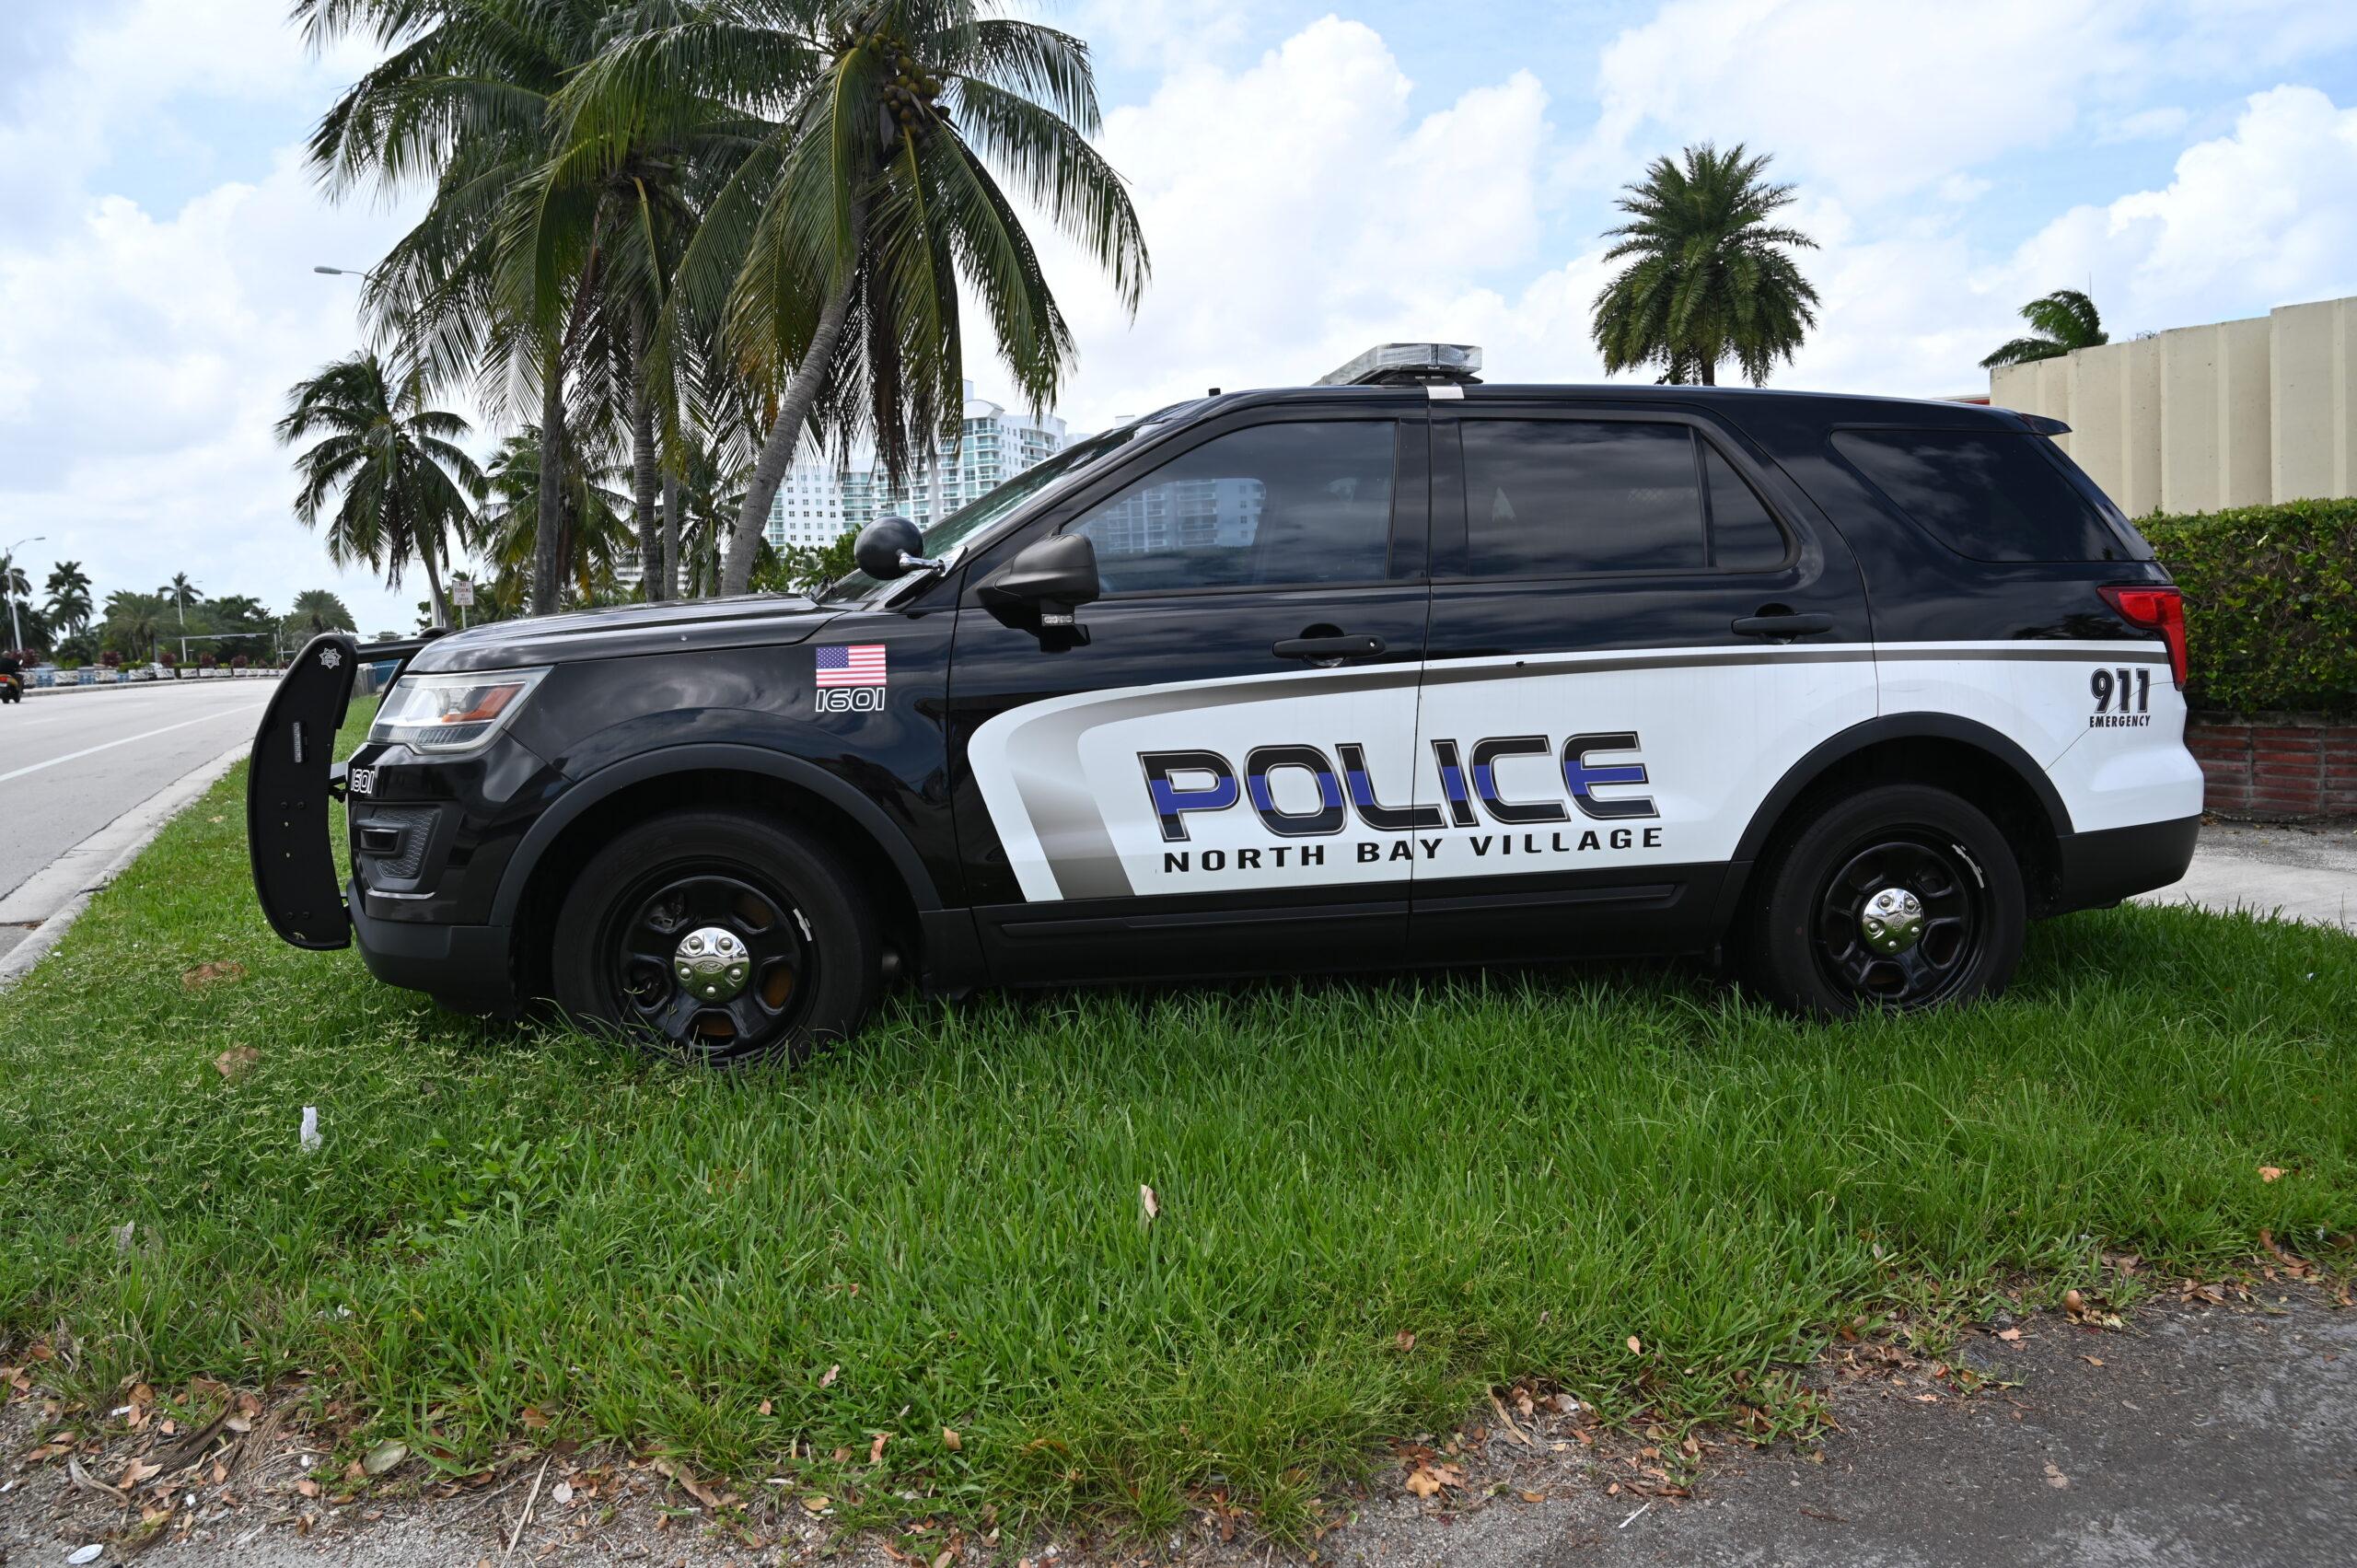 NBV Police Cruiser